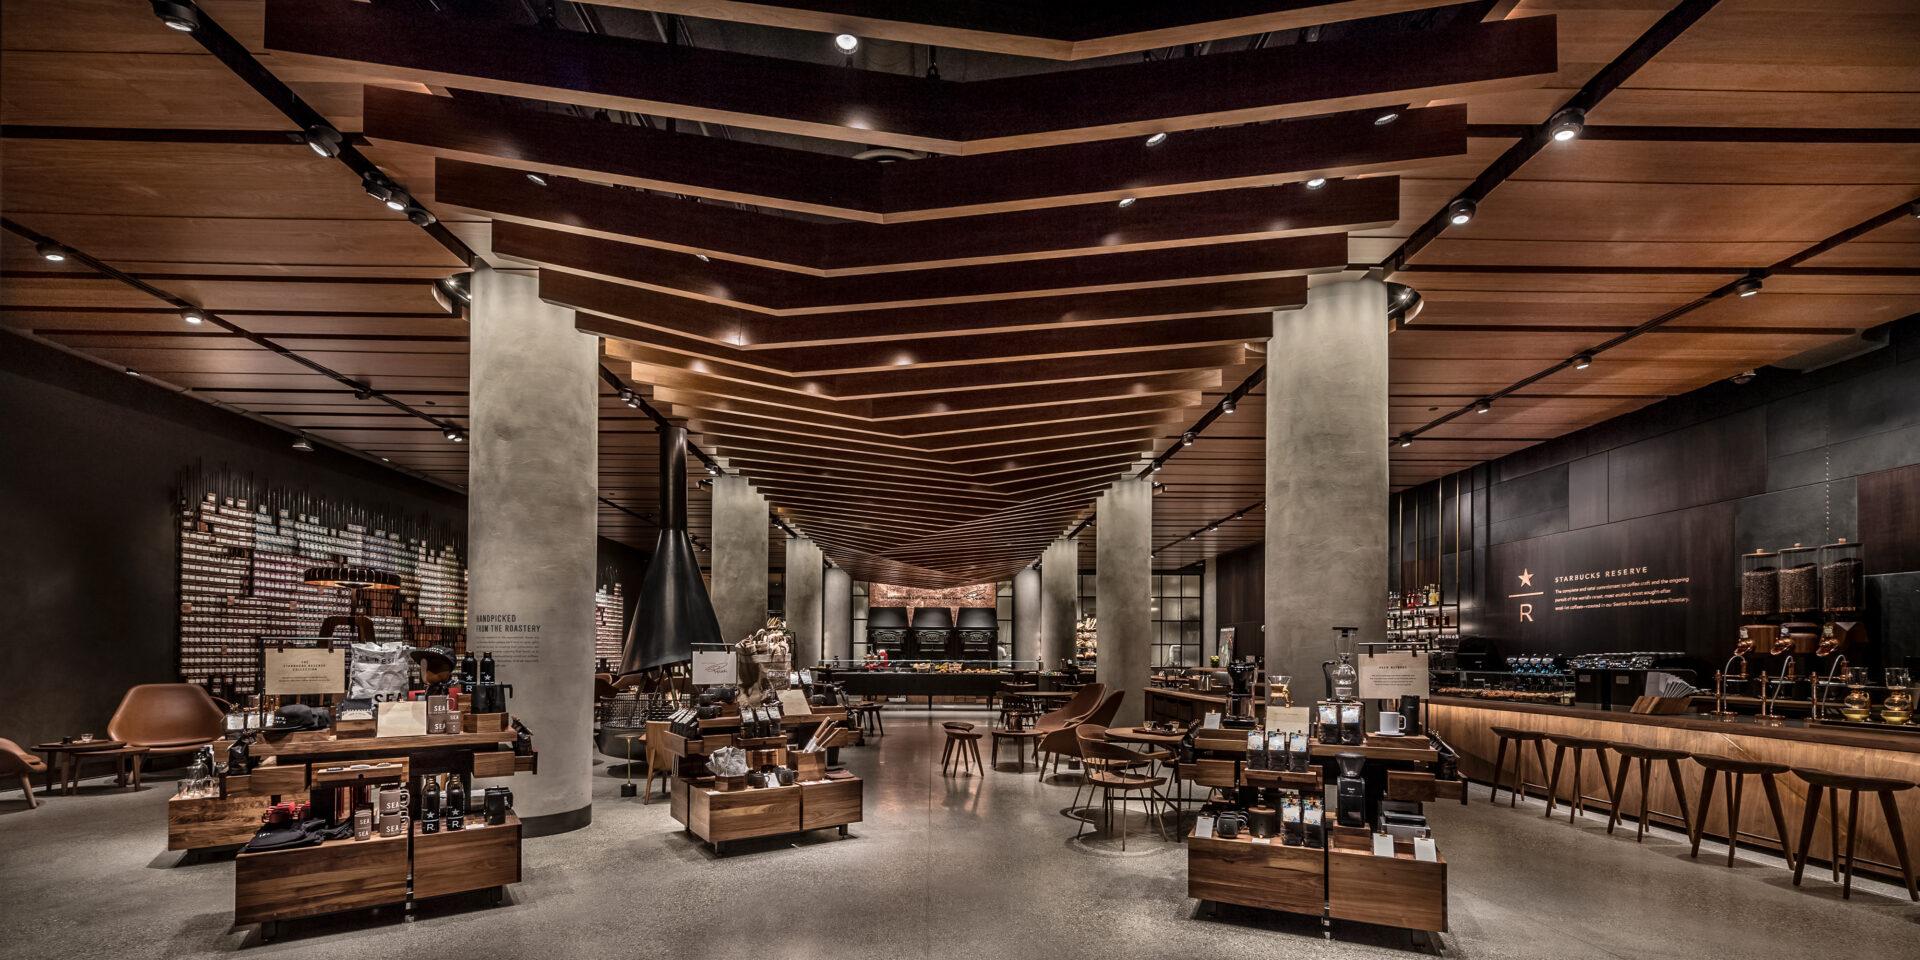 Starbucks Reserve SODO store at the Starbucks Support Center